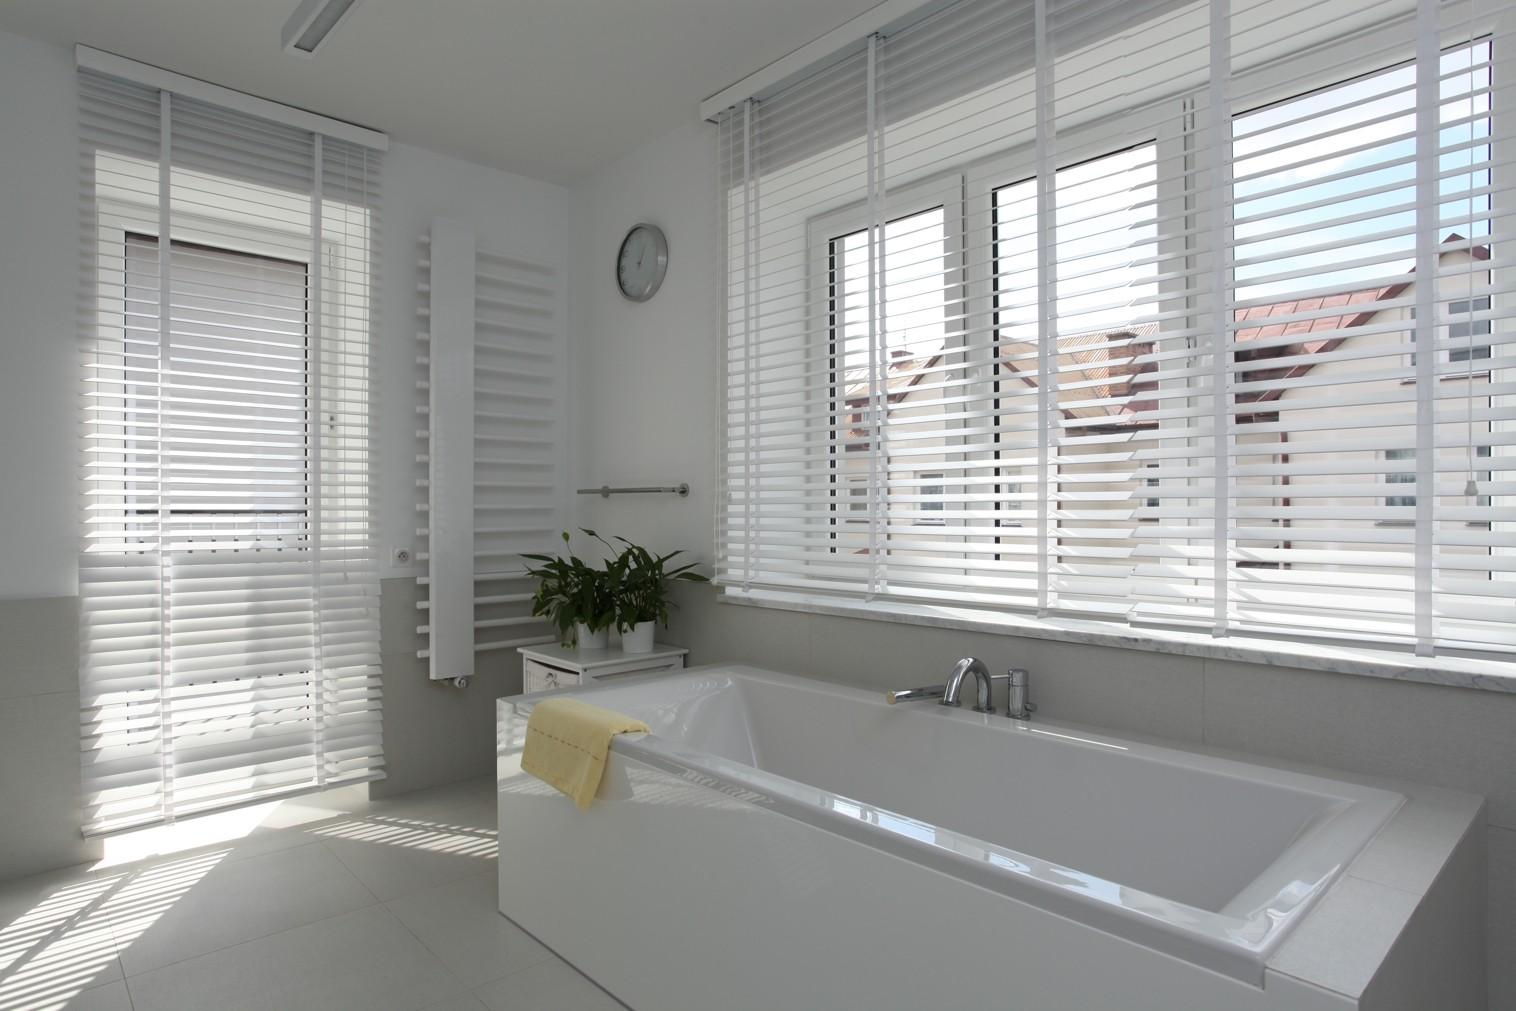 Badkamer Rolgordijn 5 : Geef je badkamer een luxueuze uitstraling met shutters op maat